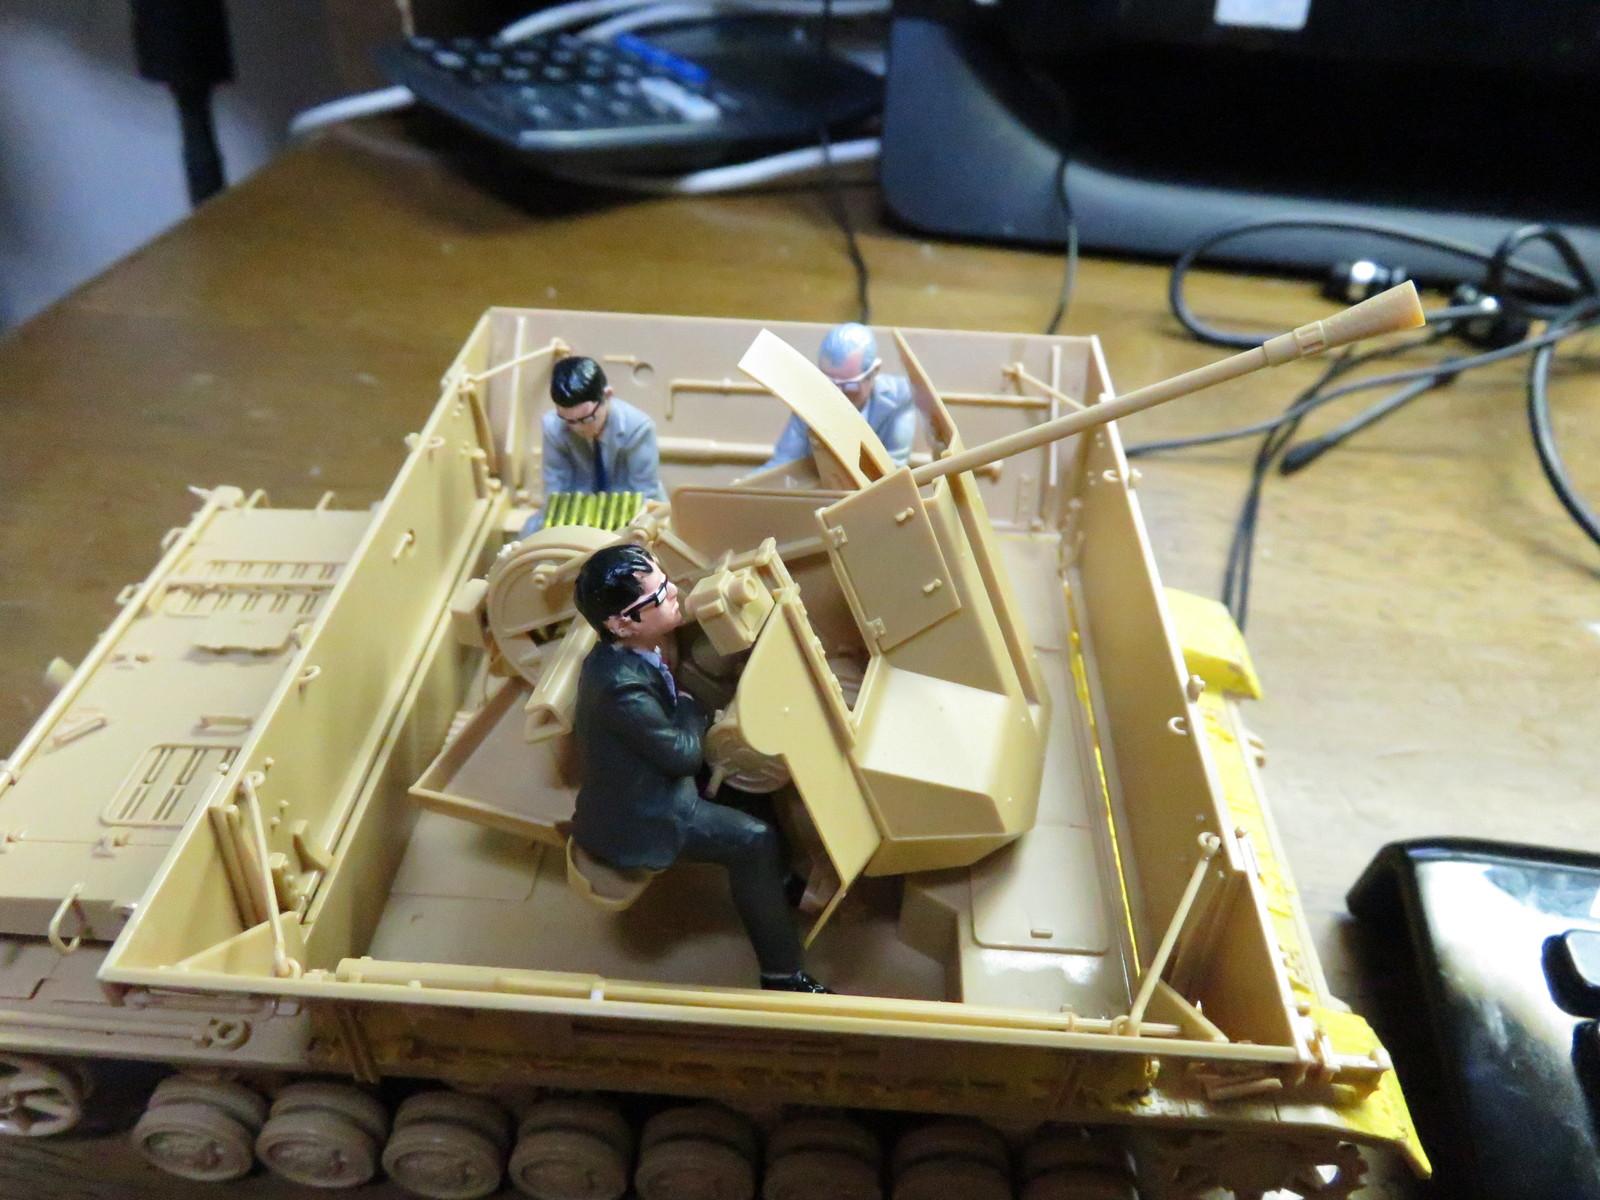 メーベルワーゲン Flak43とサボリーマン搭載2